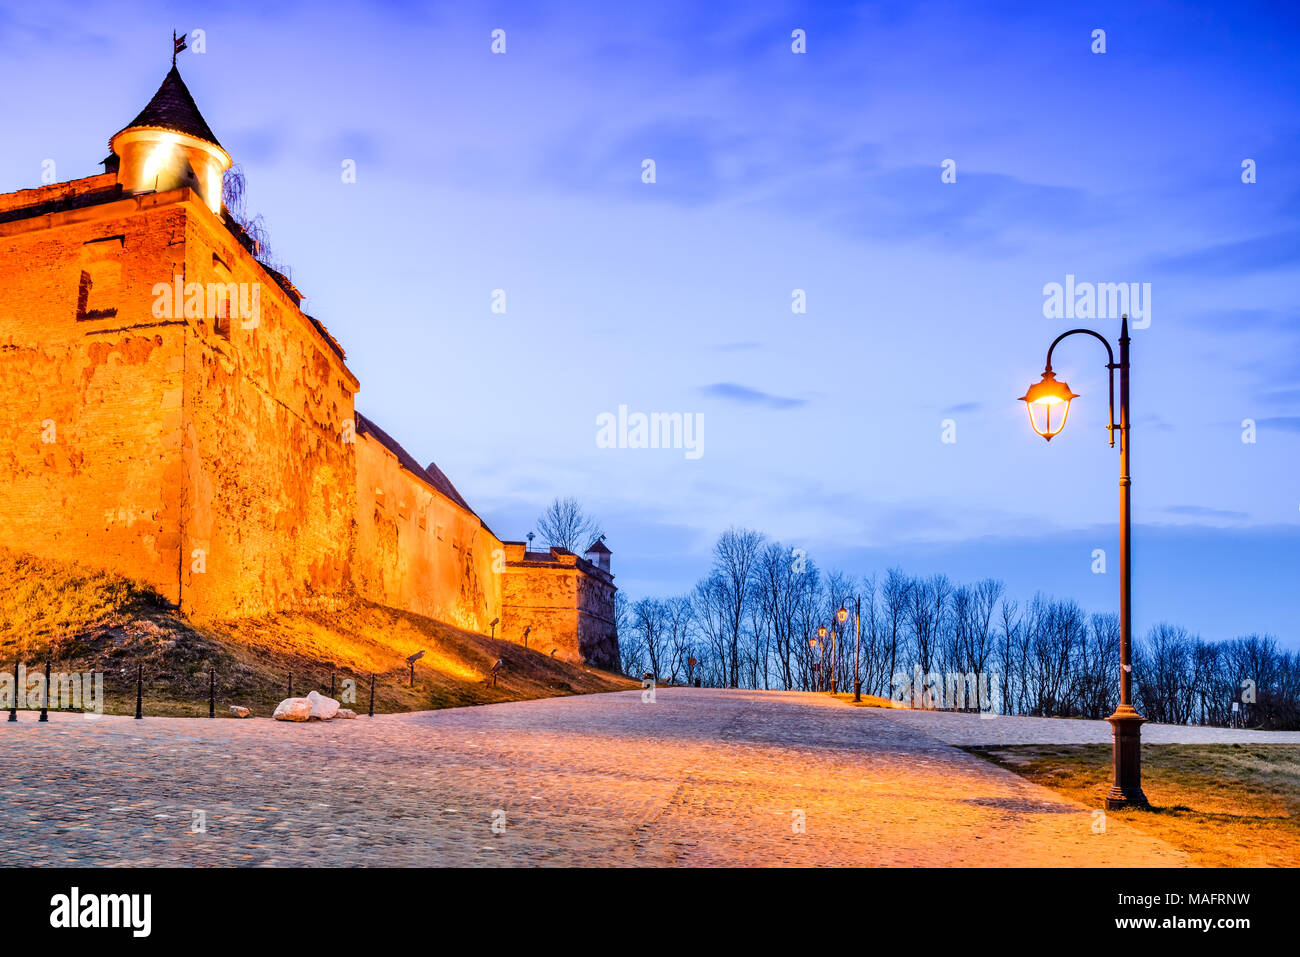 Brasov, Romania - La Cittadella. Crepuscolo stupefacente immagine HDR medievale con una fortezza collinare di Corona città medievale in Transilvania. Immagini Stock